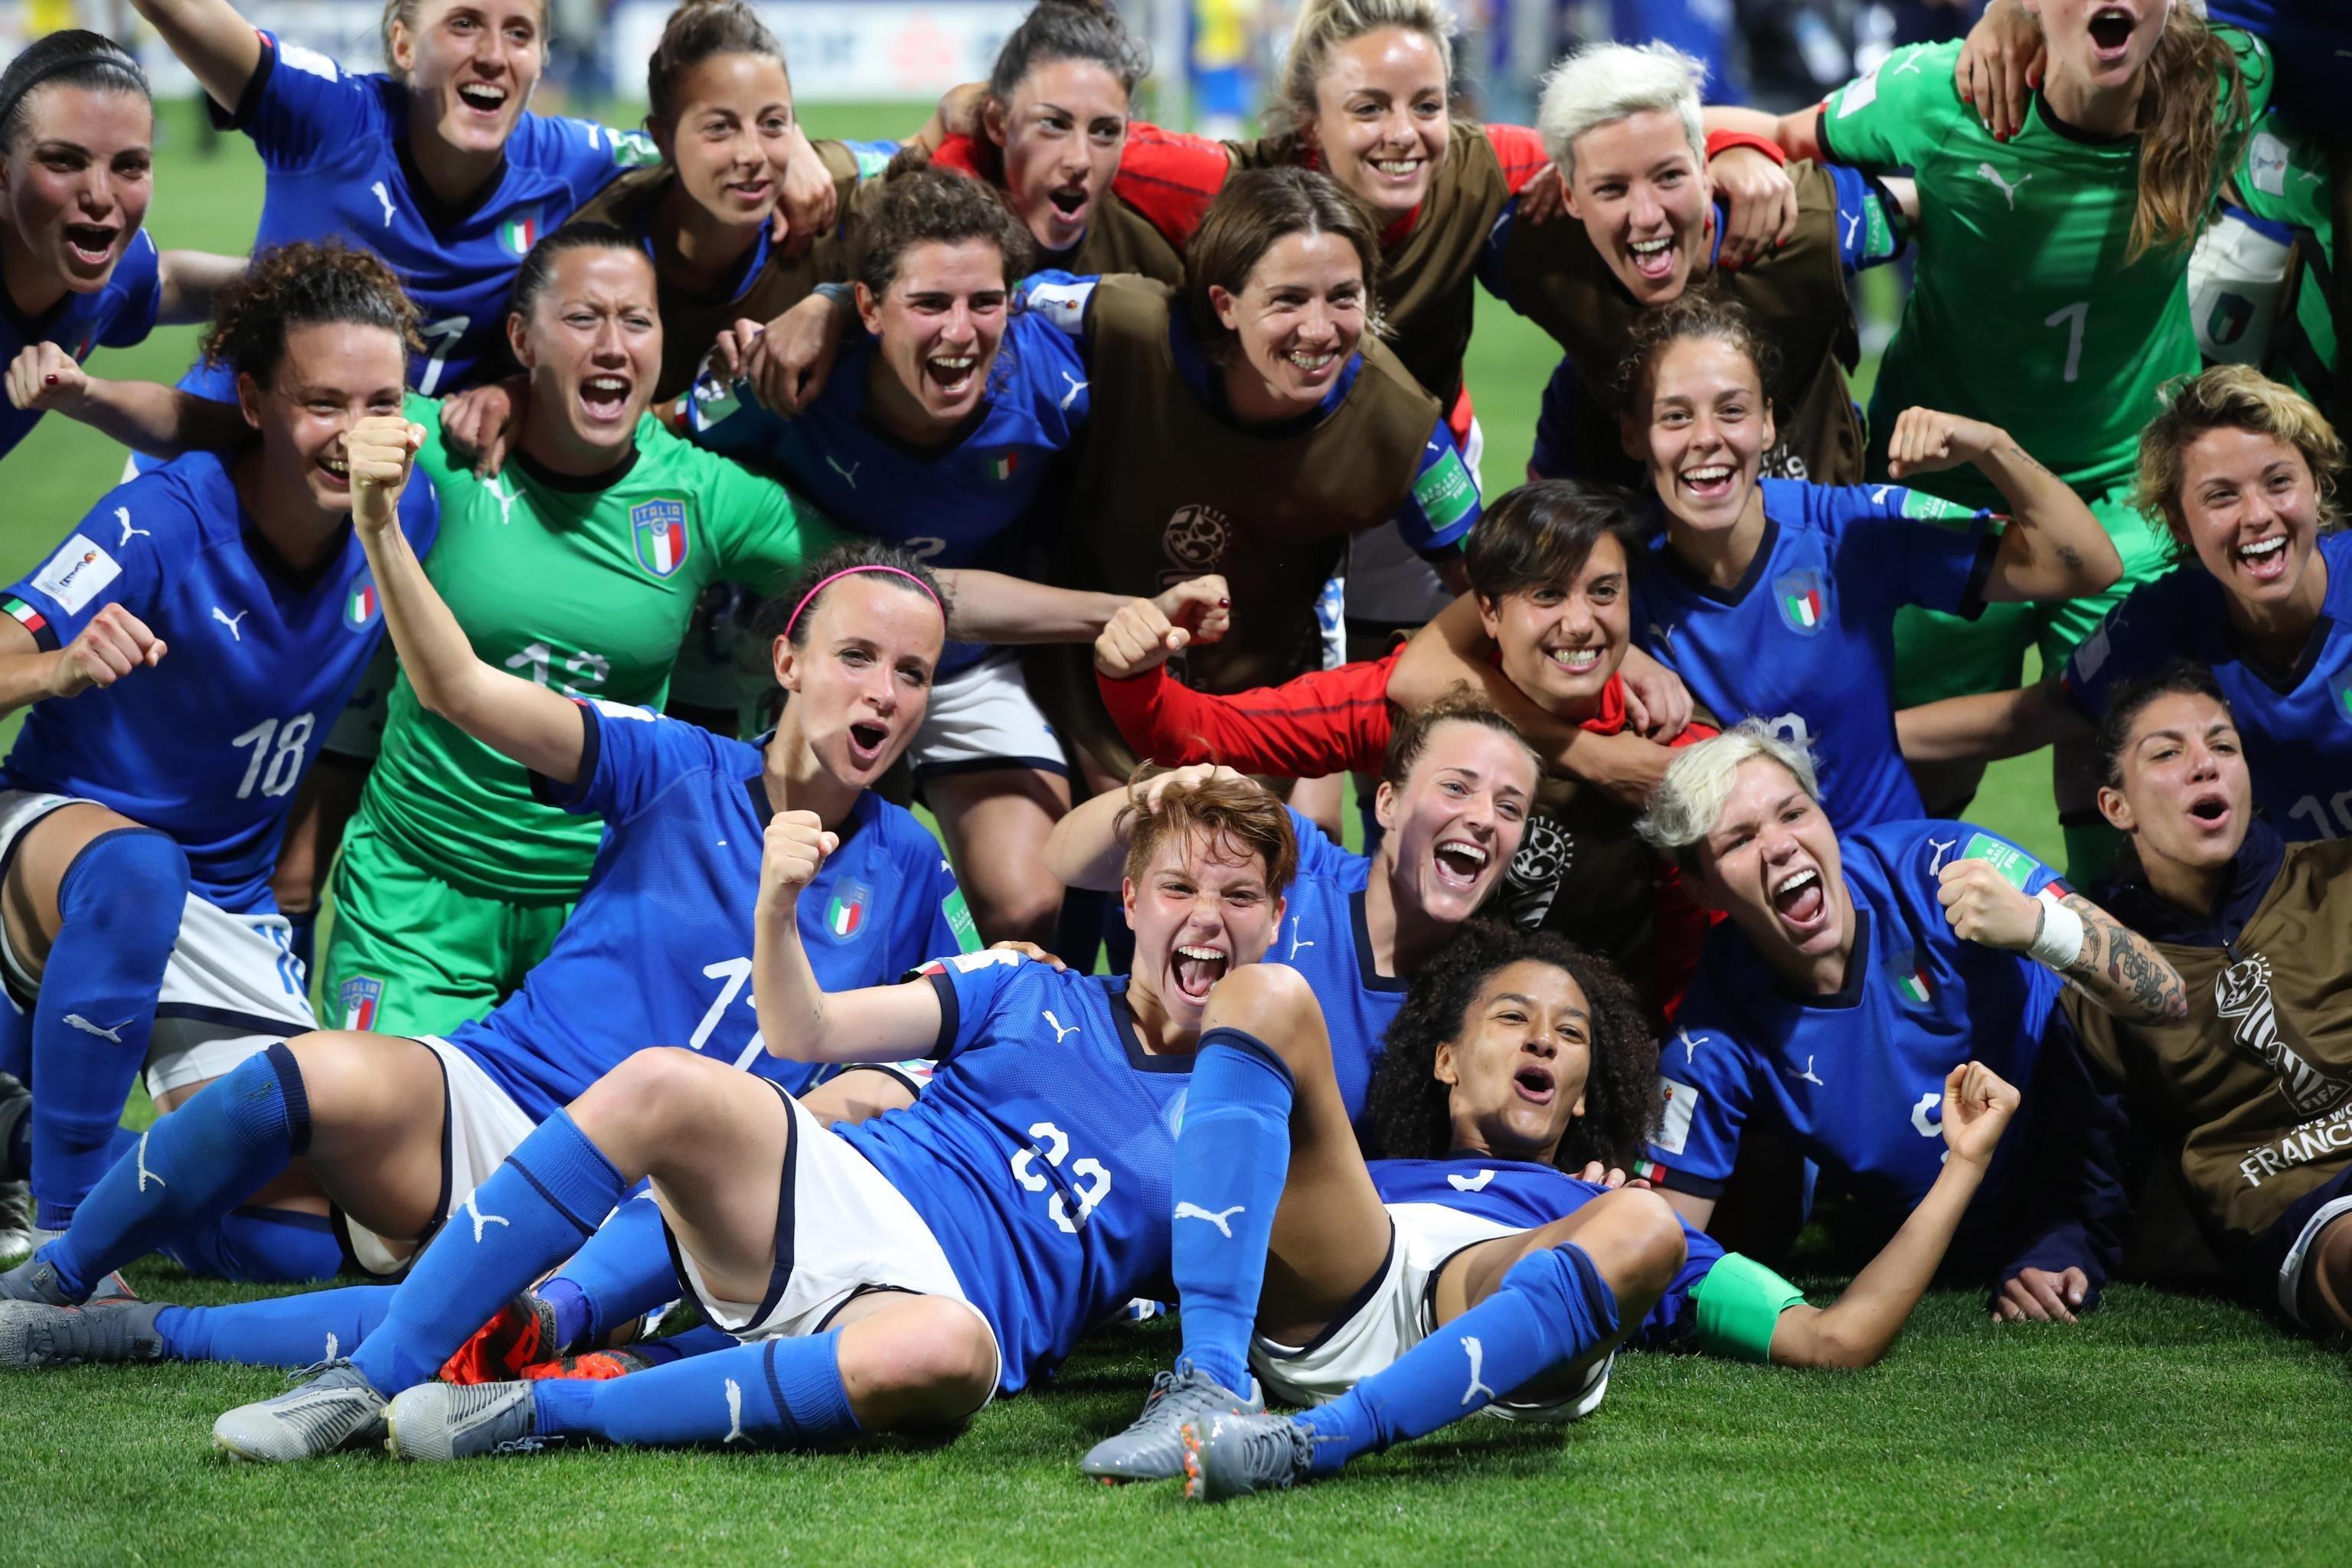 Volano gli ascolti tv della Nazionale ai Mondiali di Calcio femminile